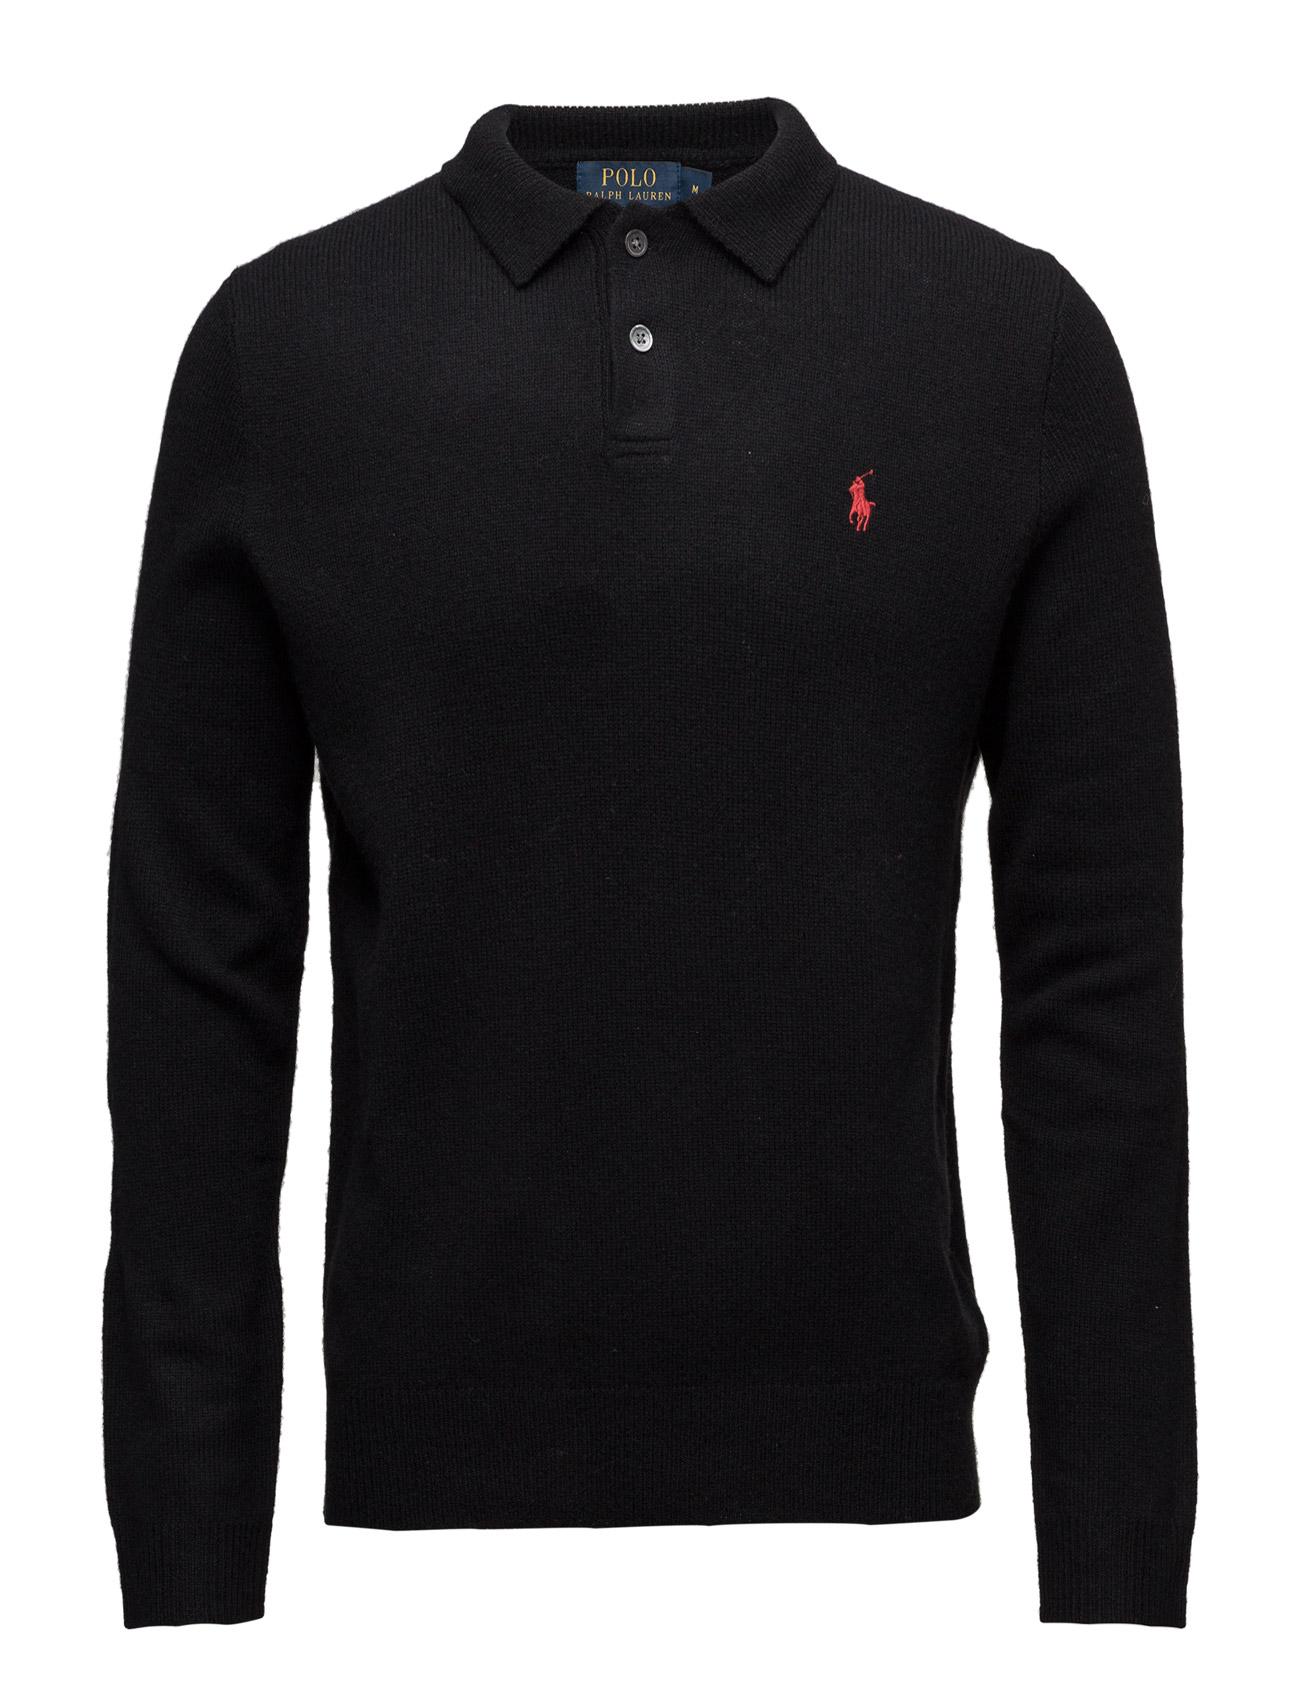 Découvrez tous les styles de polo manches longues ralph lauren pas cher  pour hommes, femmes et enfants dans une gamme de tailles et de styles. 672fba6dd5b